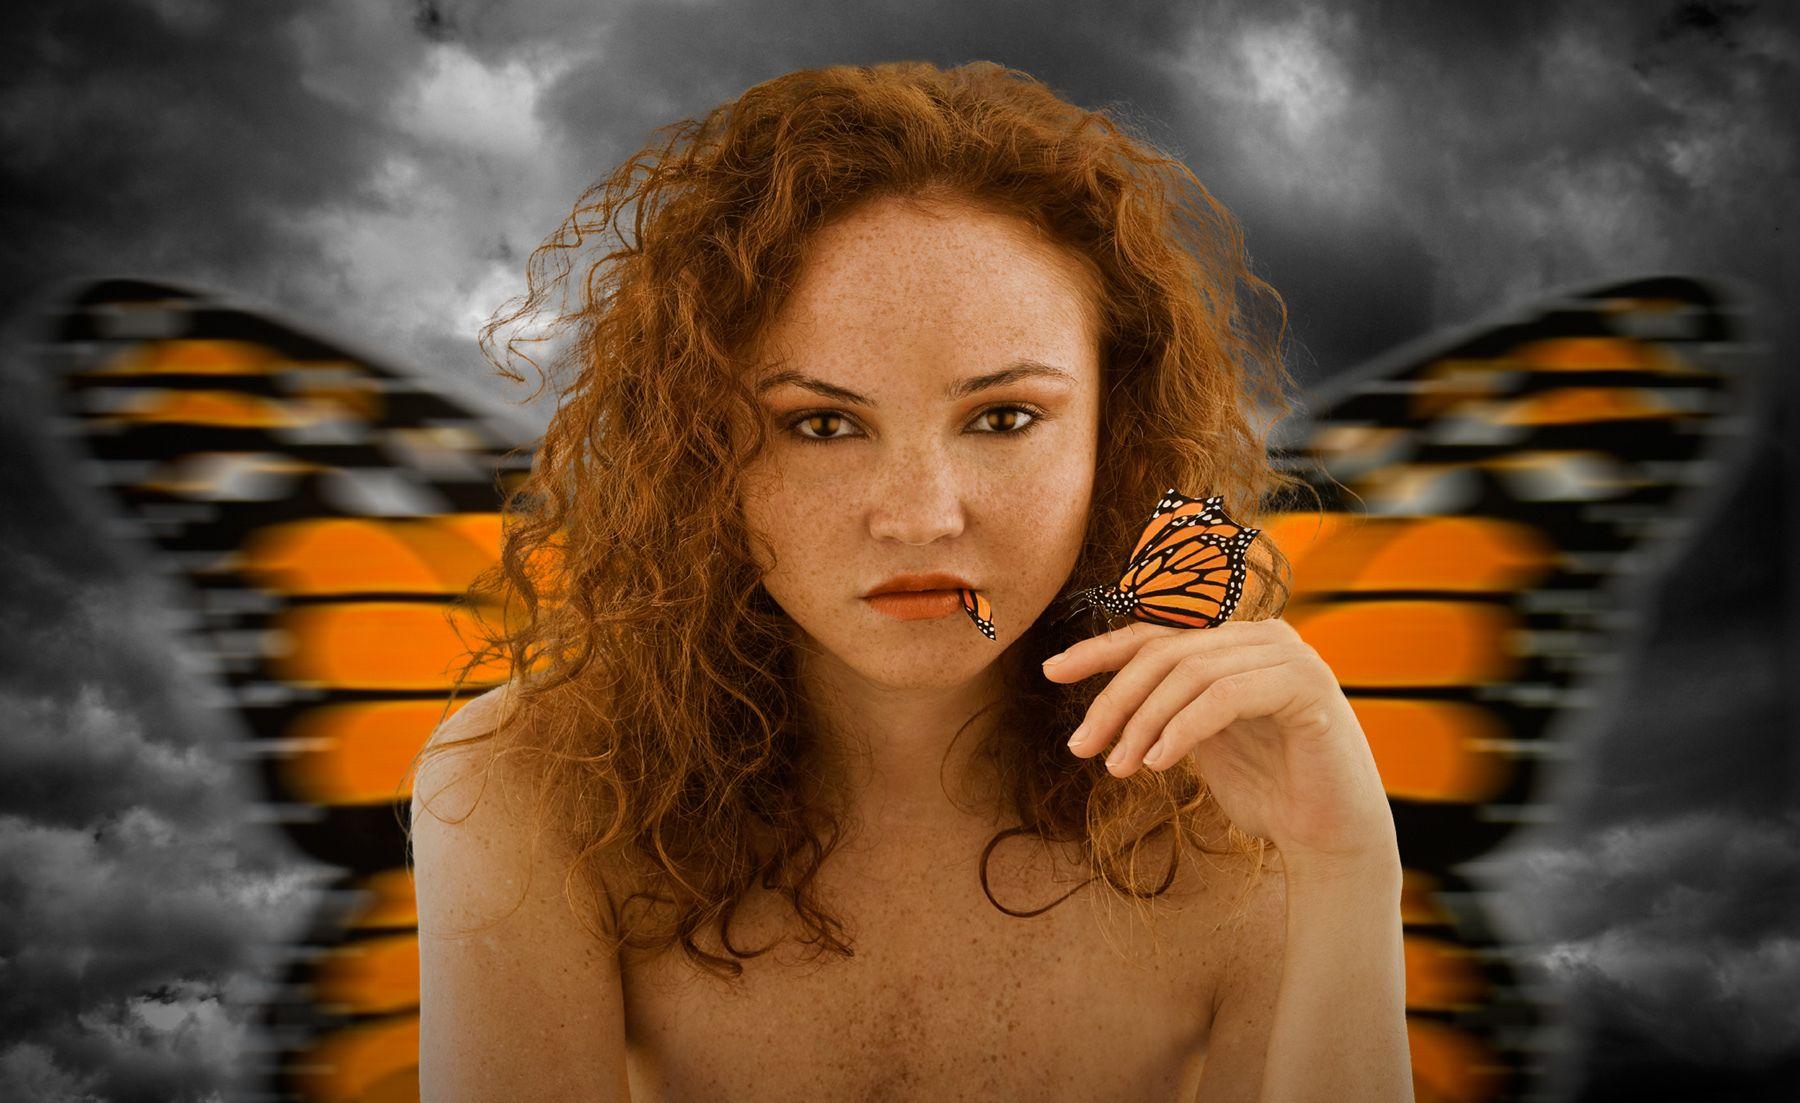 1carmen_butterfly3_sml__copy.jpg